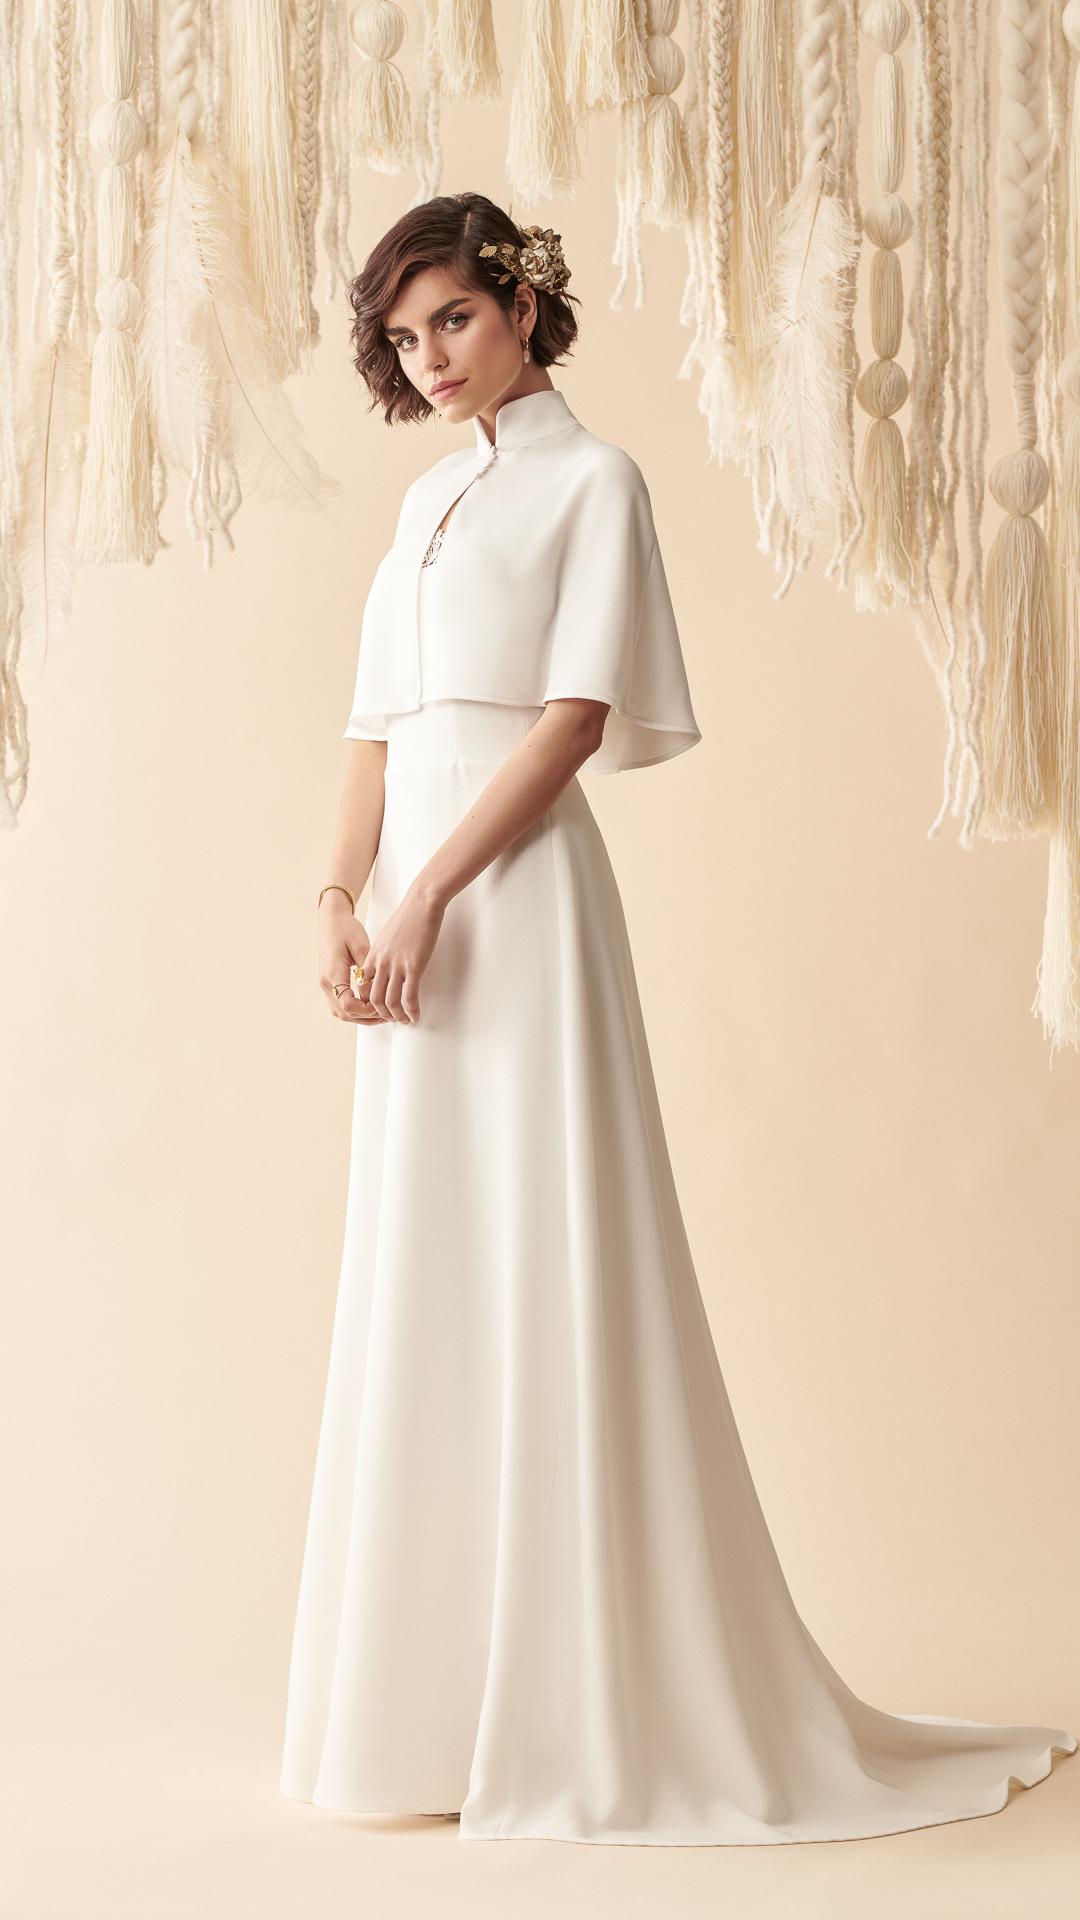 Celine - Marylise Brautkleider 2020